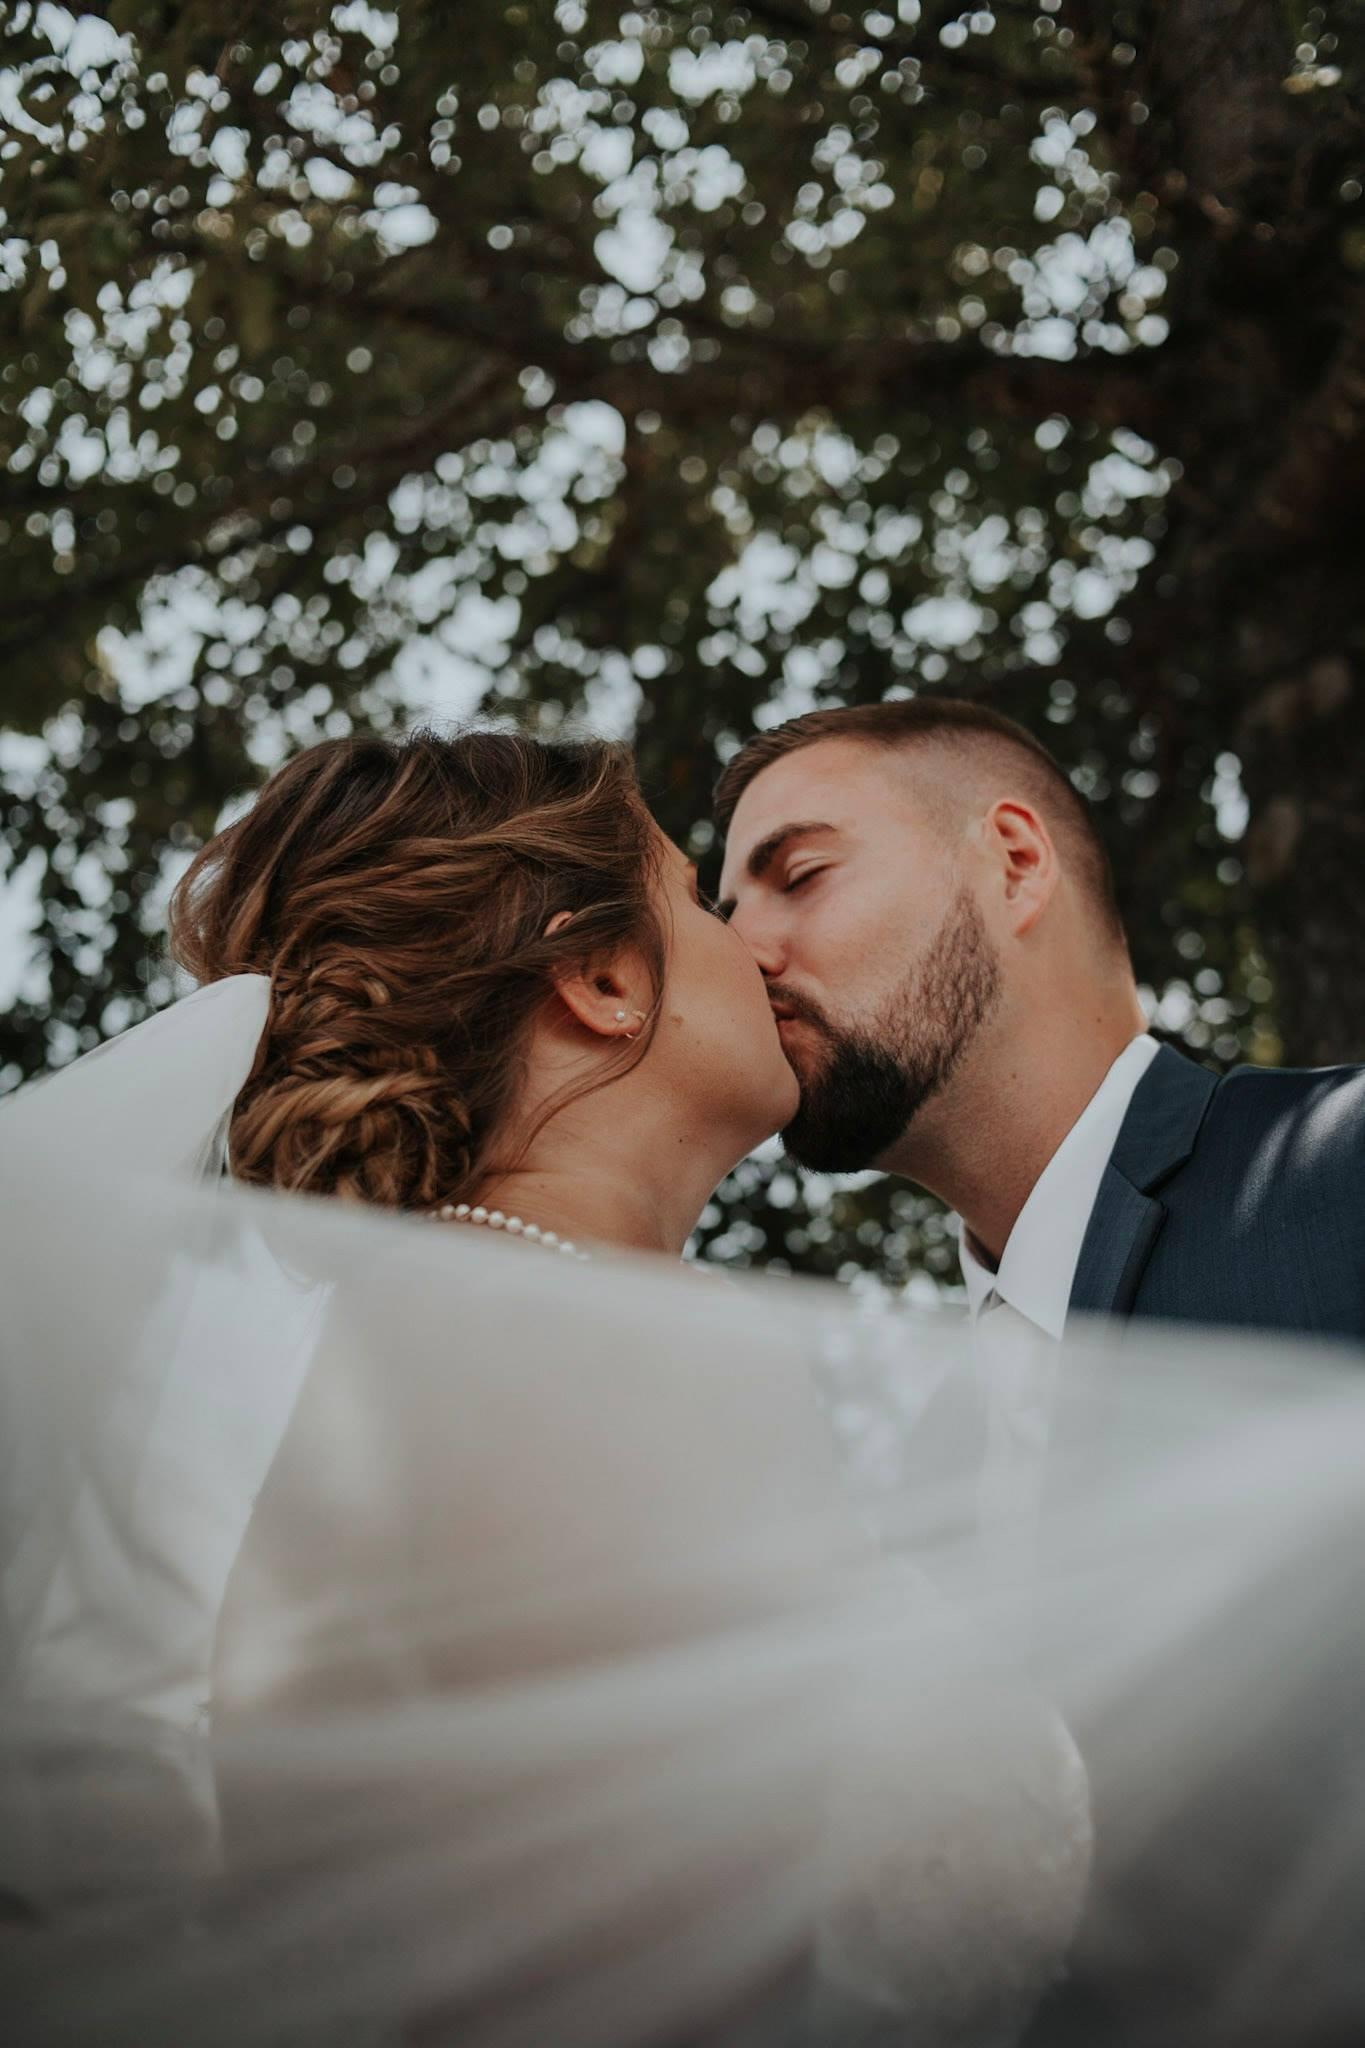 MCQUEEN WEDDING